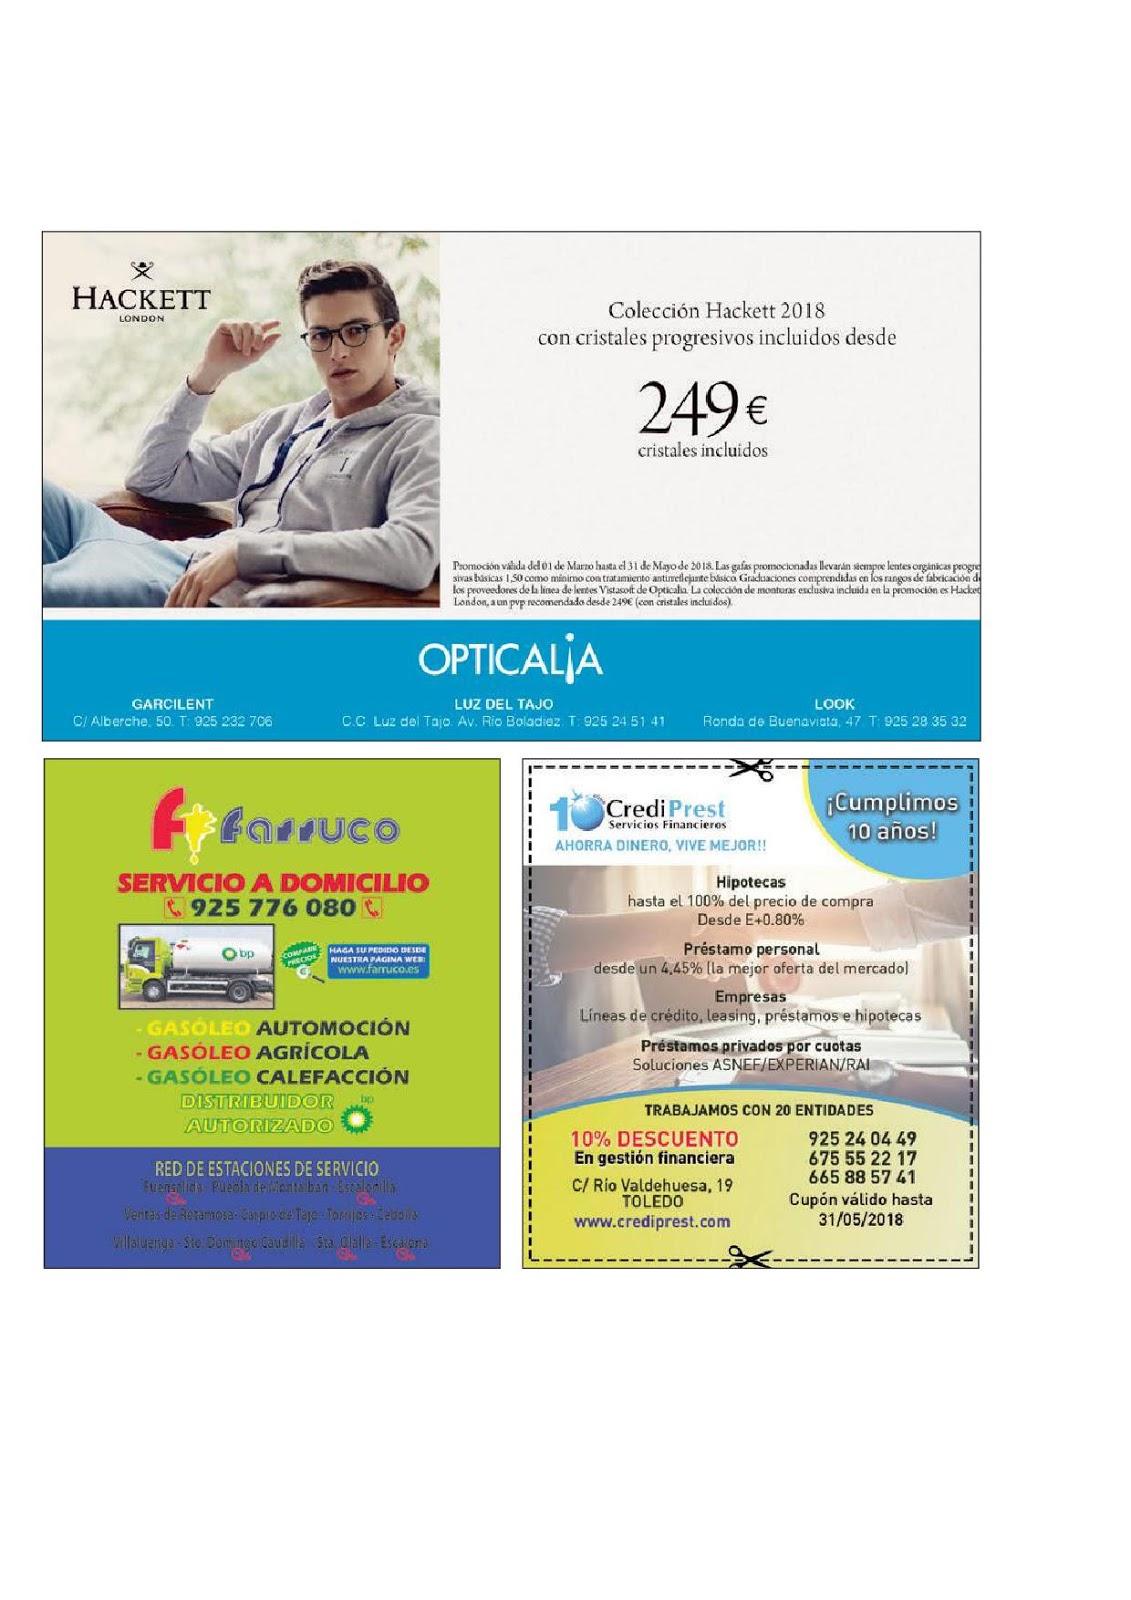 crediprest-servicios-financieros-toledo